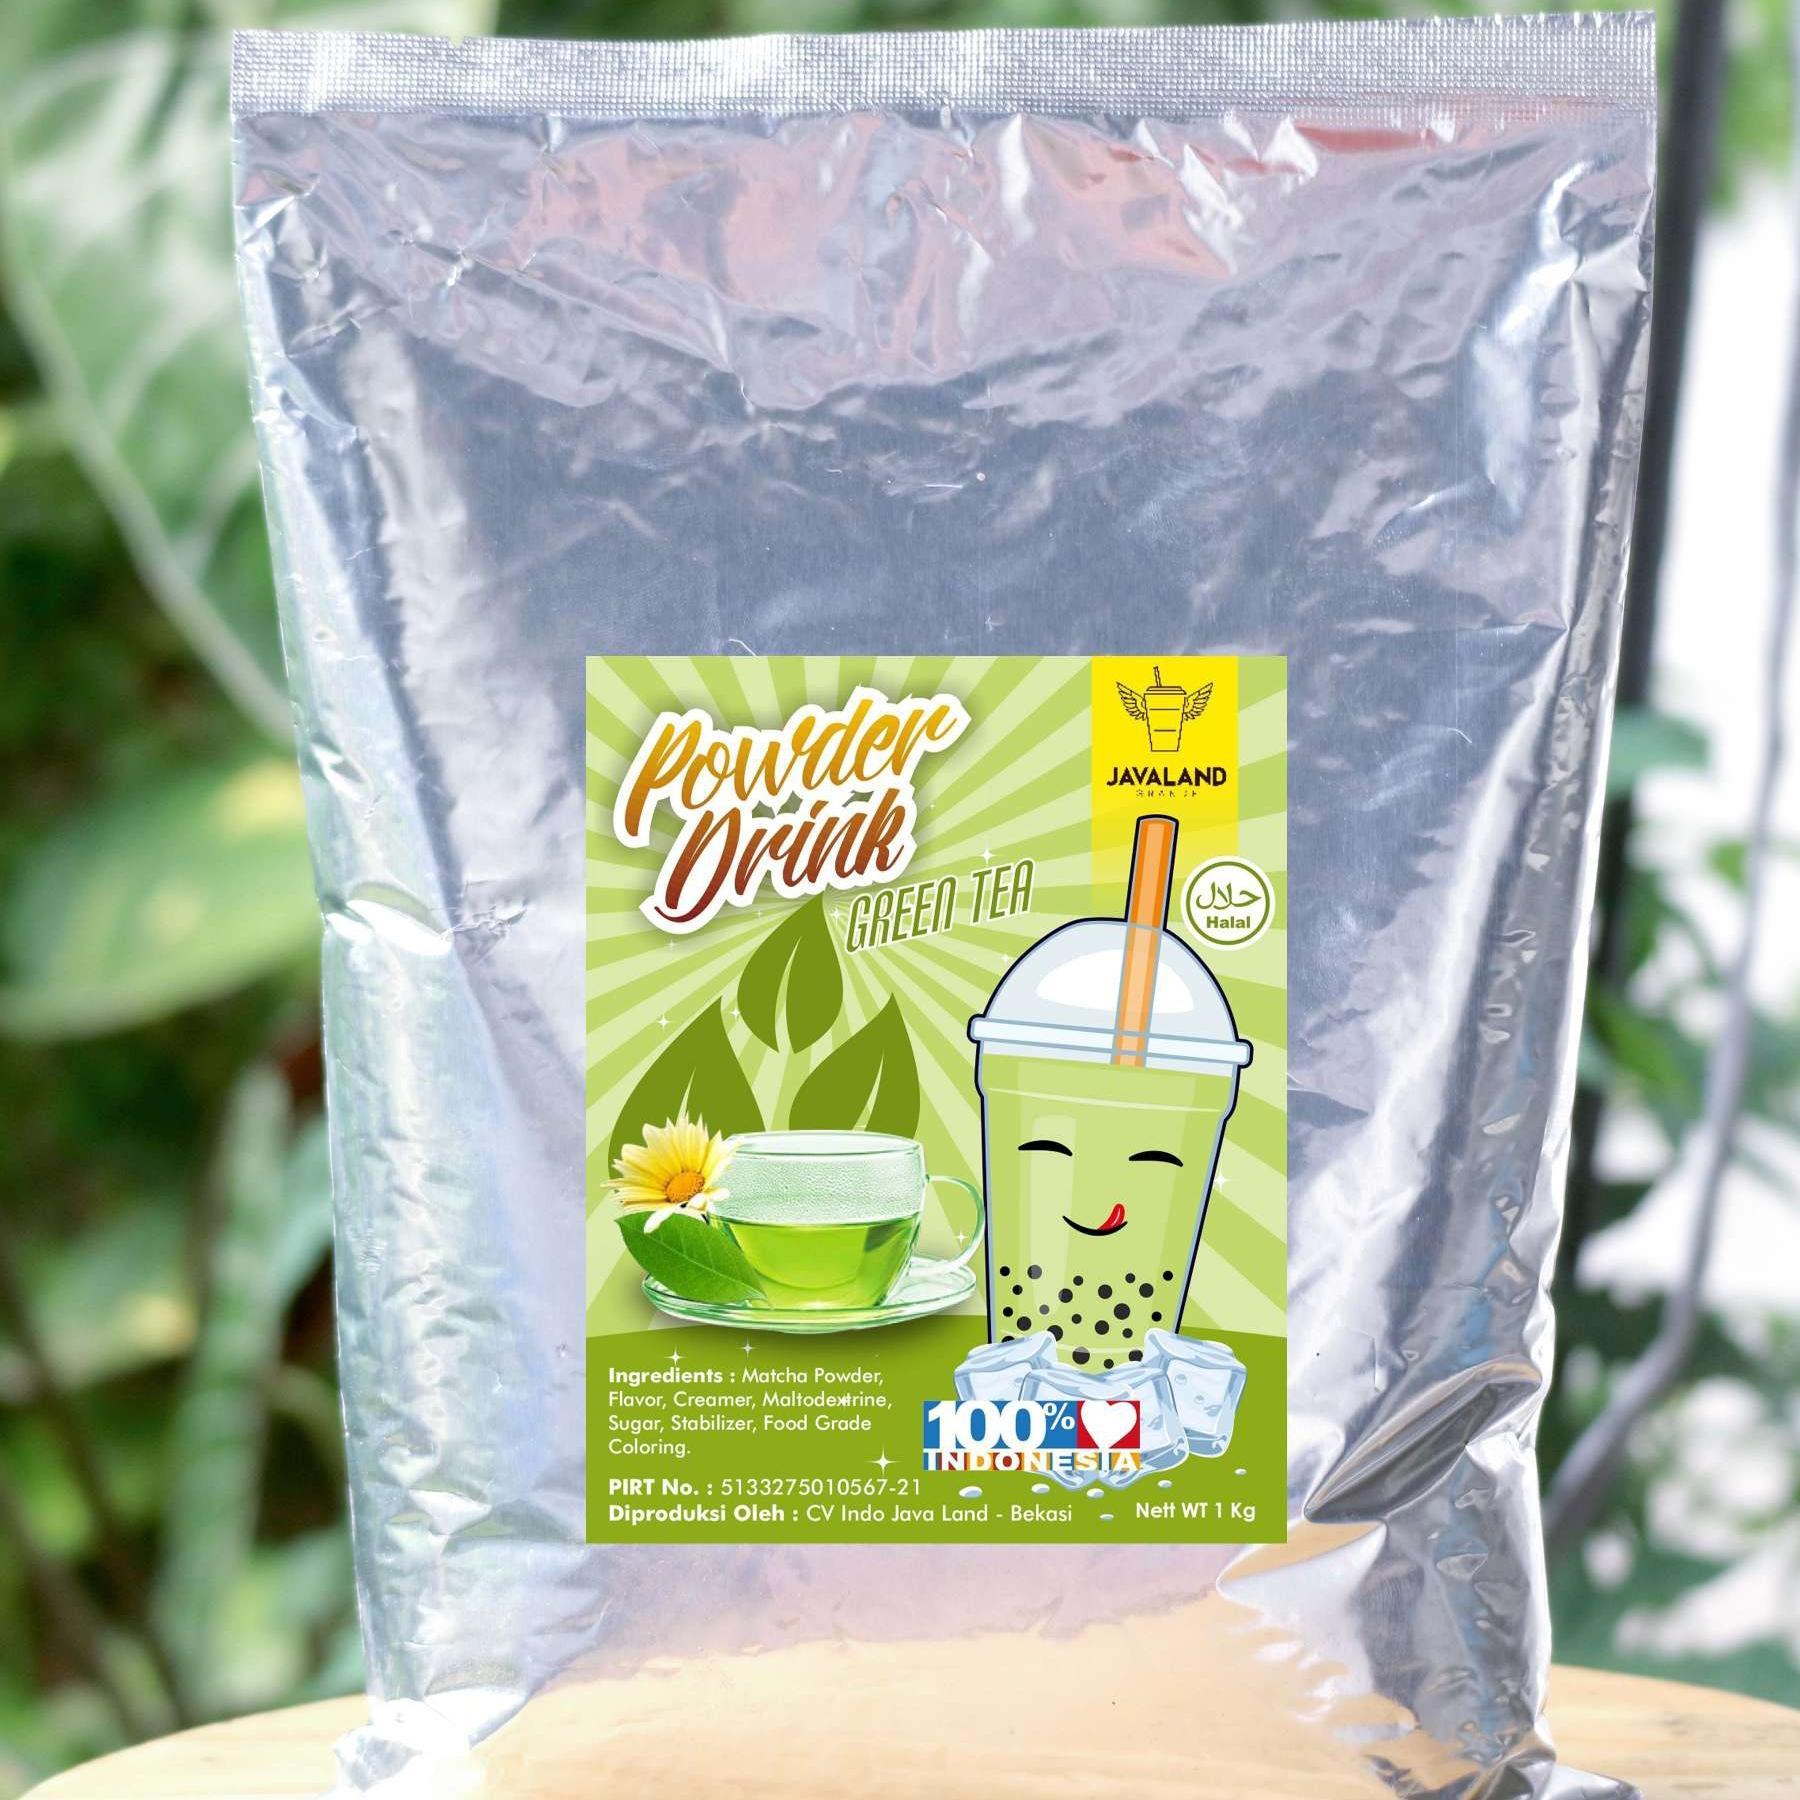 BUBUK MINUMAN BUBBLE DRINK RASA GREEN TEA